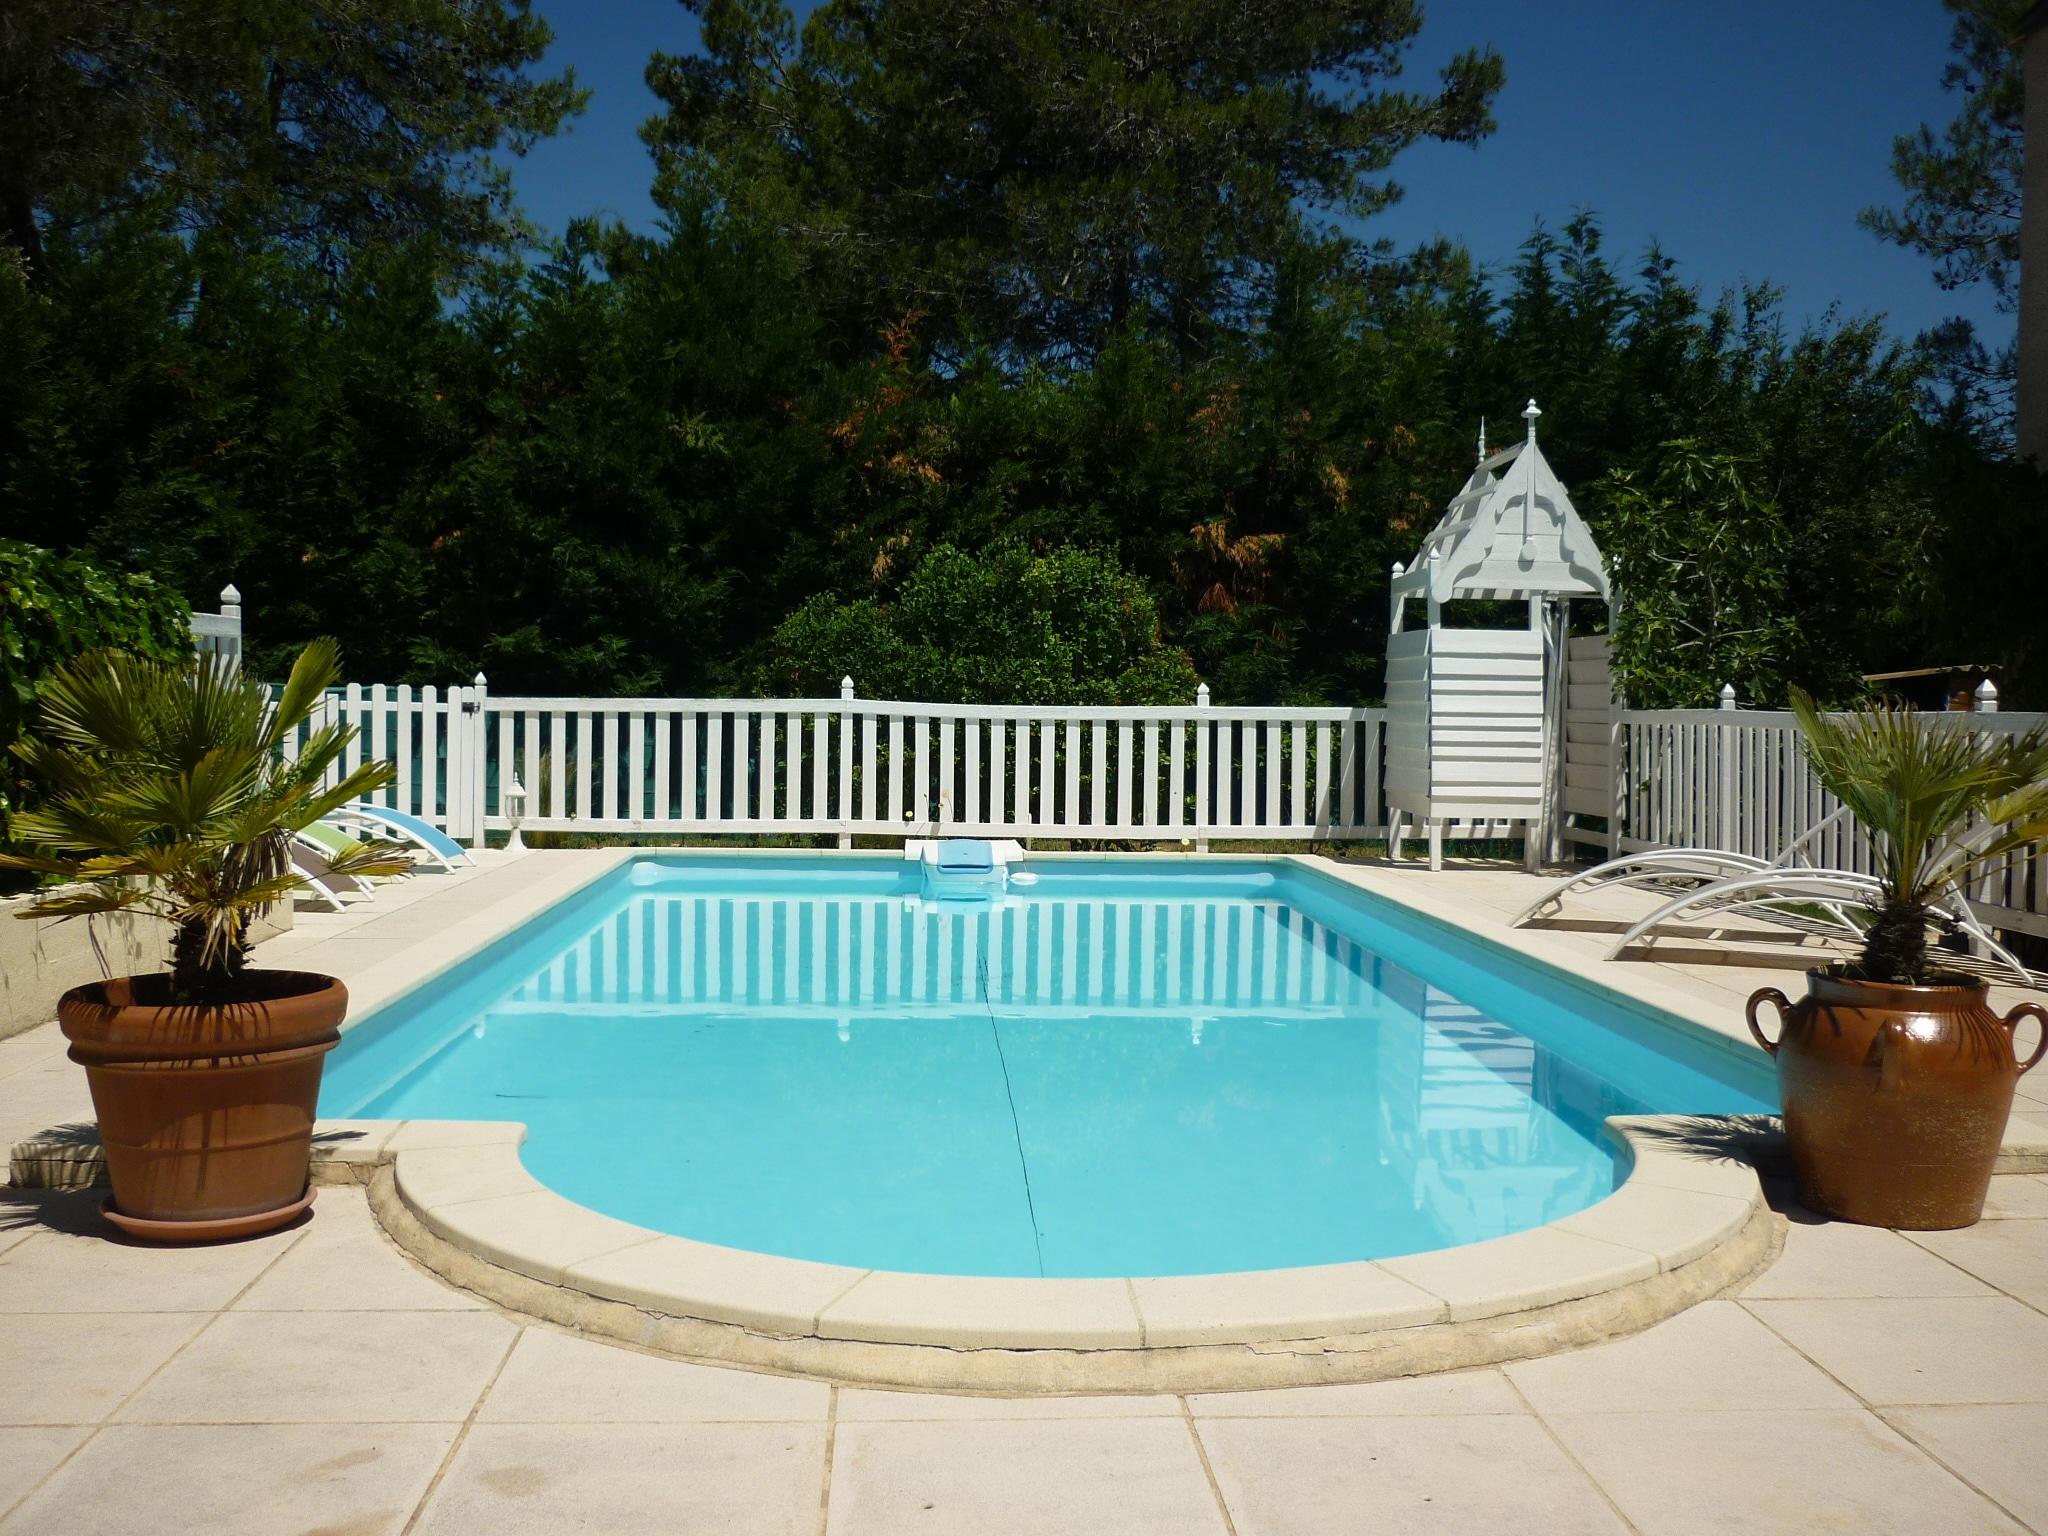 Prestations piscine - Gite roulotte entre vignes et oliviers - Cévennes Gard